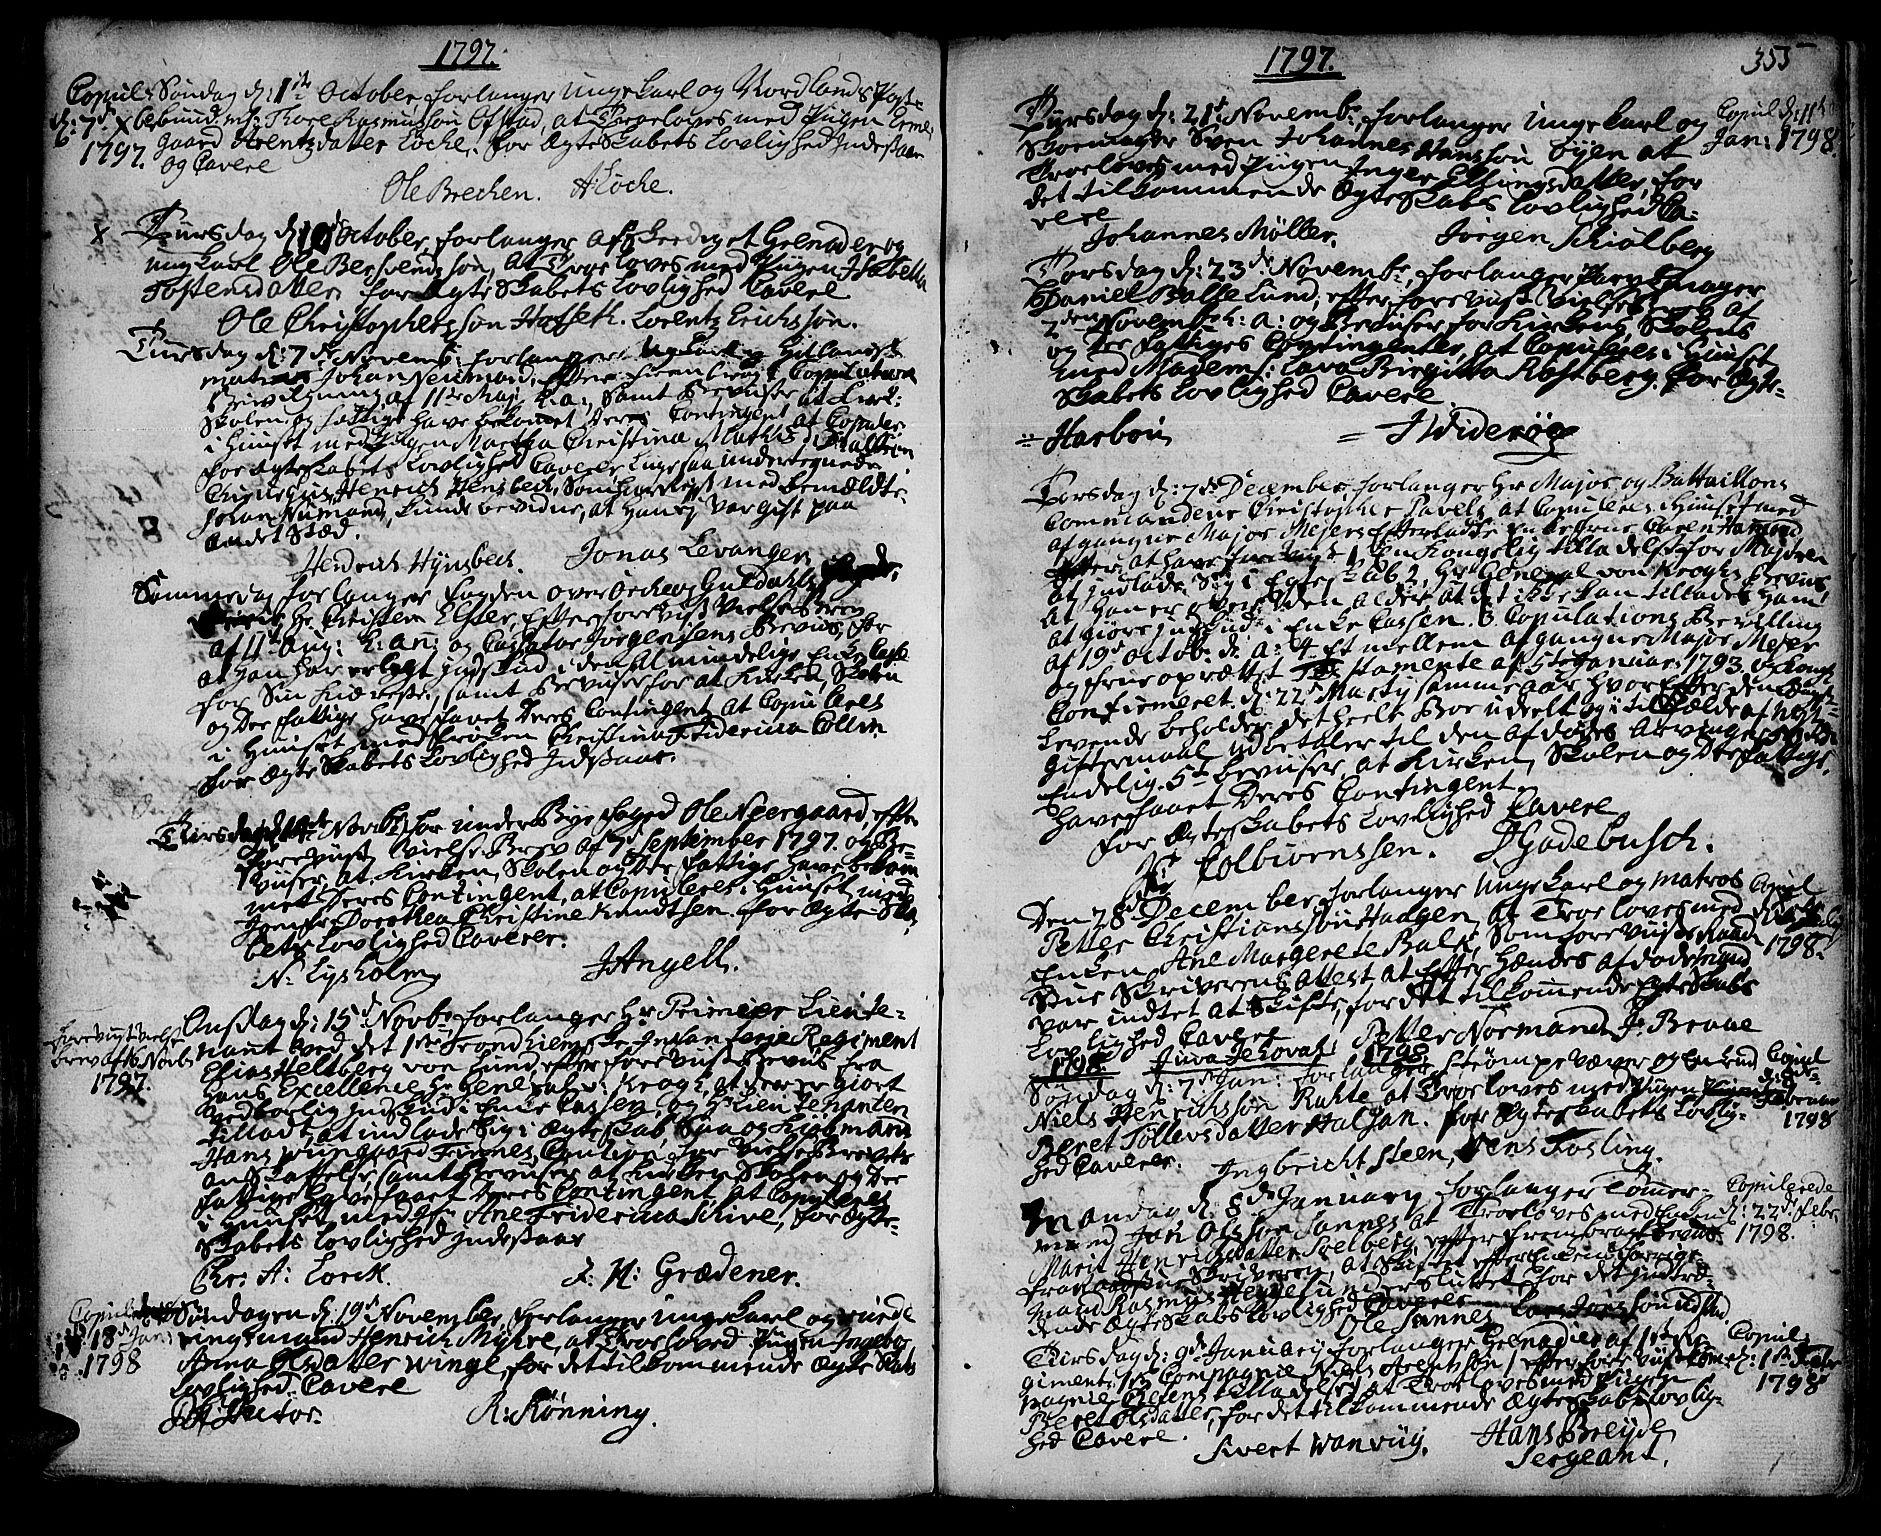 SAT, Ministerialprotokoller, klokkerbøker og fødselsregistre - Sør-Trøndelag, 601/L0038: Ministerialbok nr. 601A06, 1766-1877, s. 356b